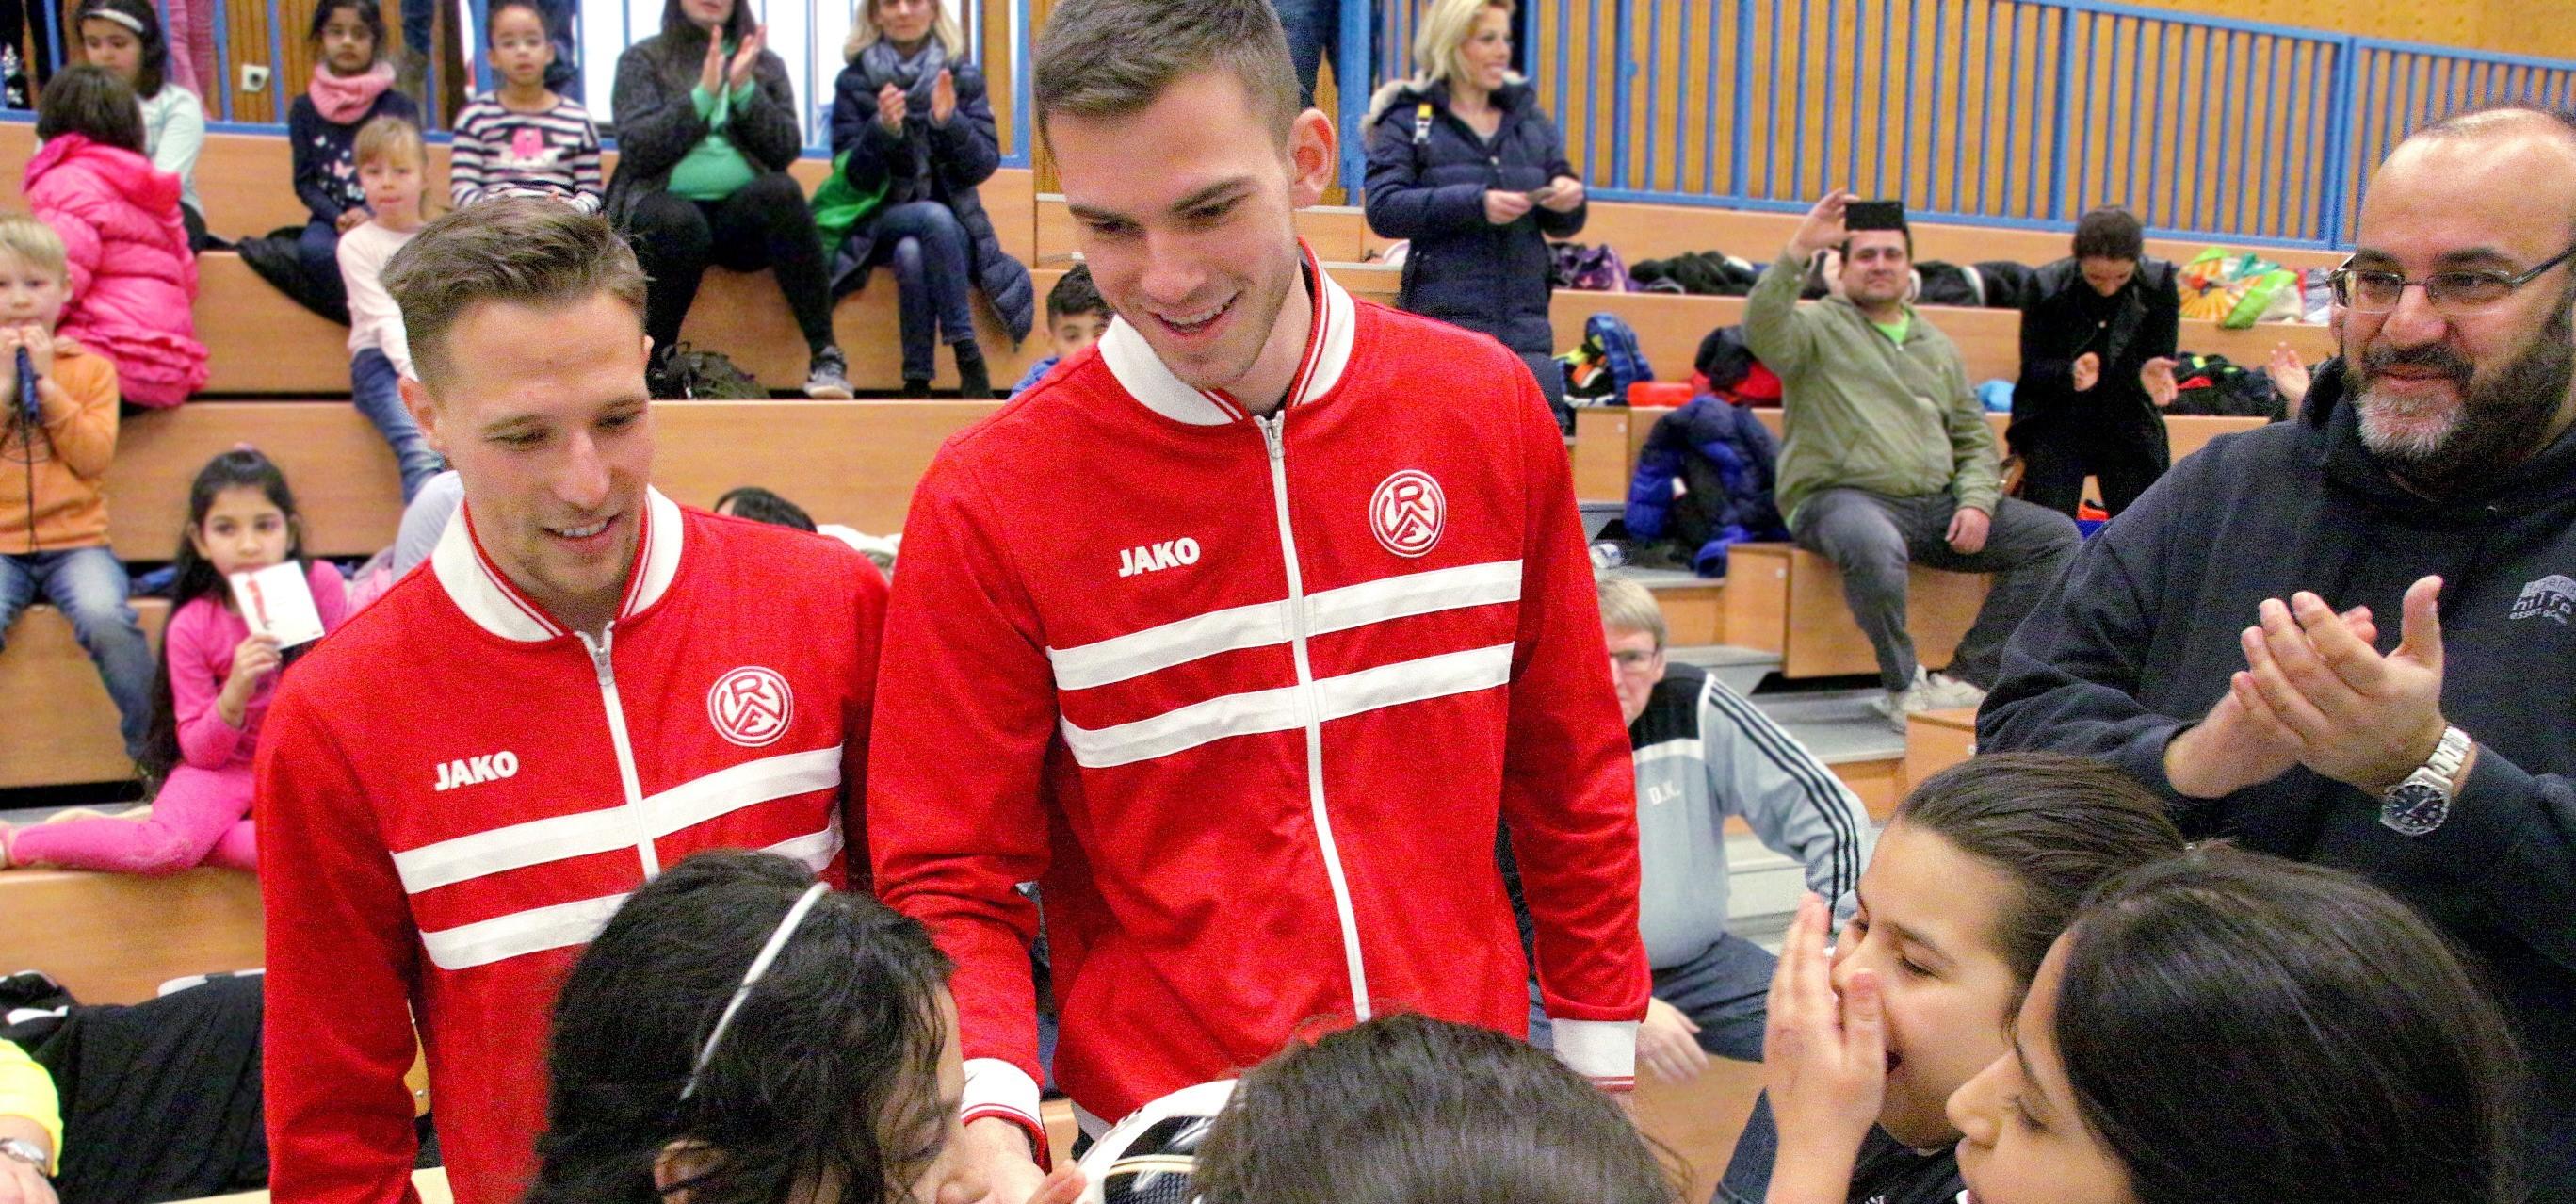 Herzlichen Glückwunsch! Die Rot-Weissen Florian Bichler (li.) und Boris Tomiak gratulieren dem Mädelsteam der Josefschule II mit einem signierten RWE-Ball. (Foto: Müller)